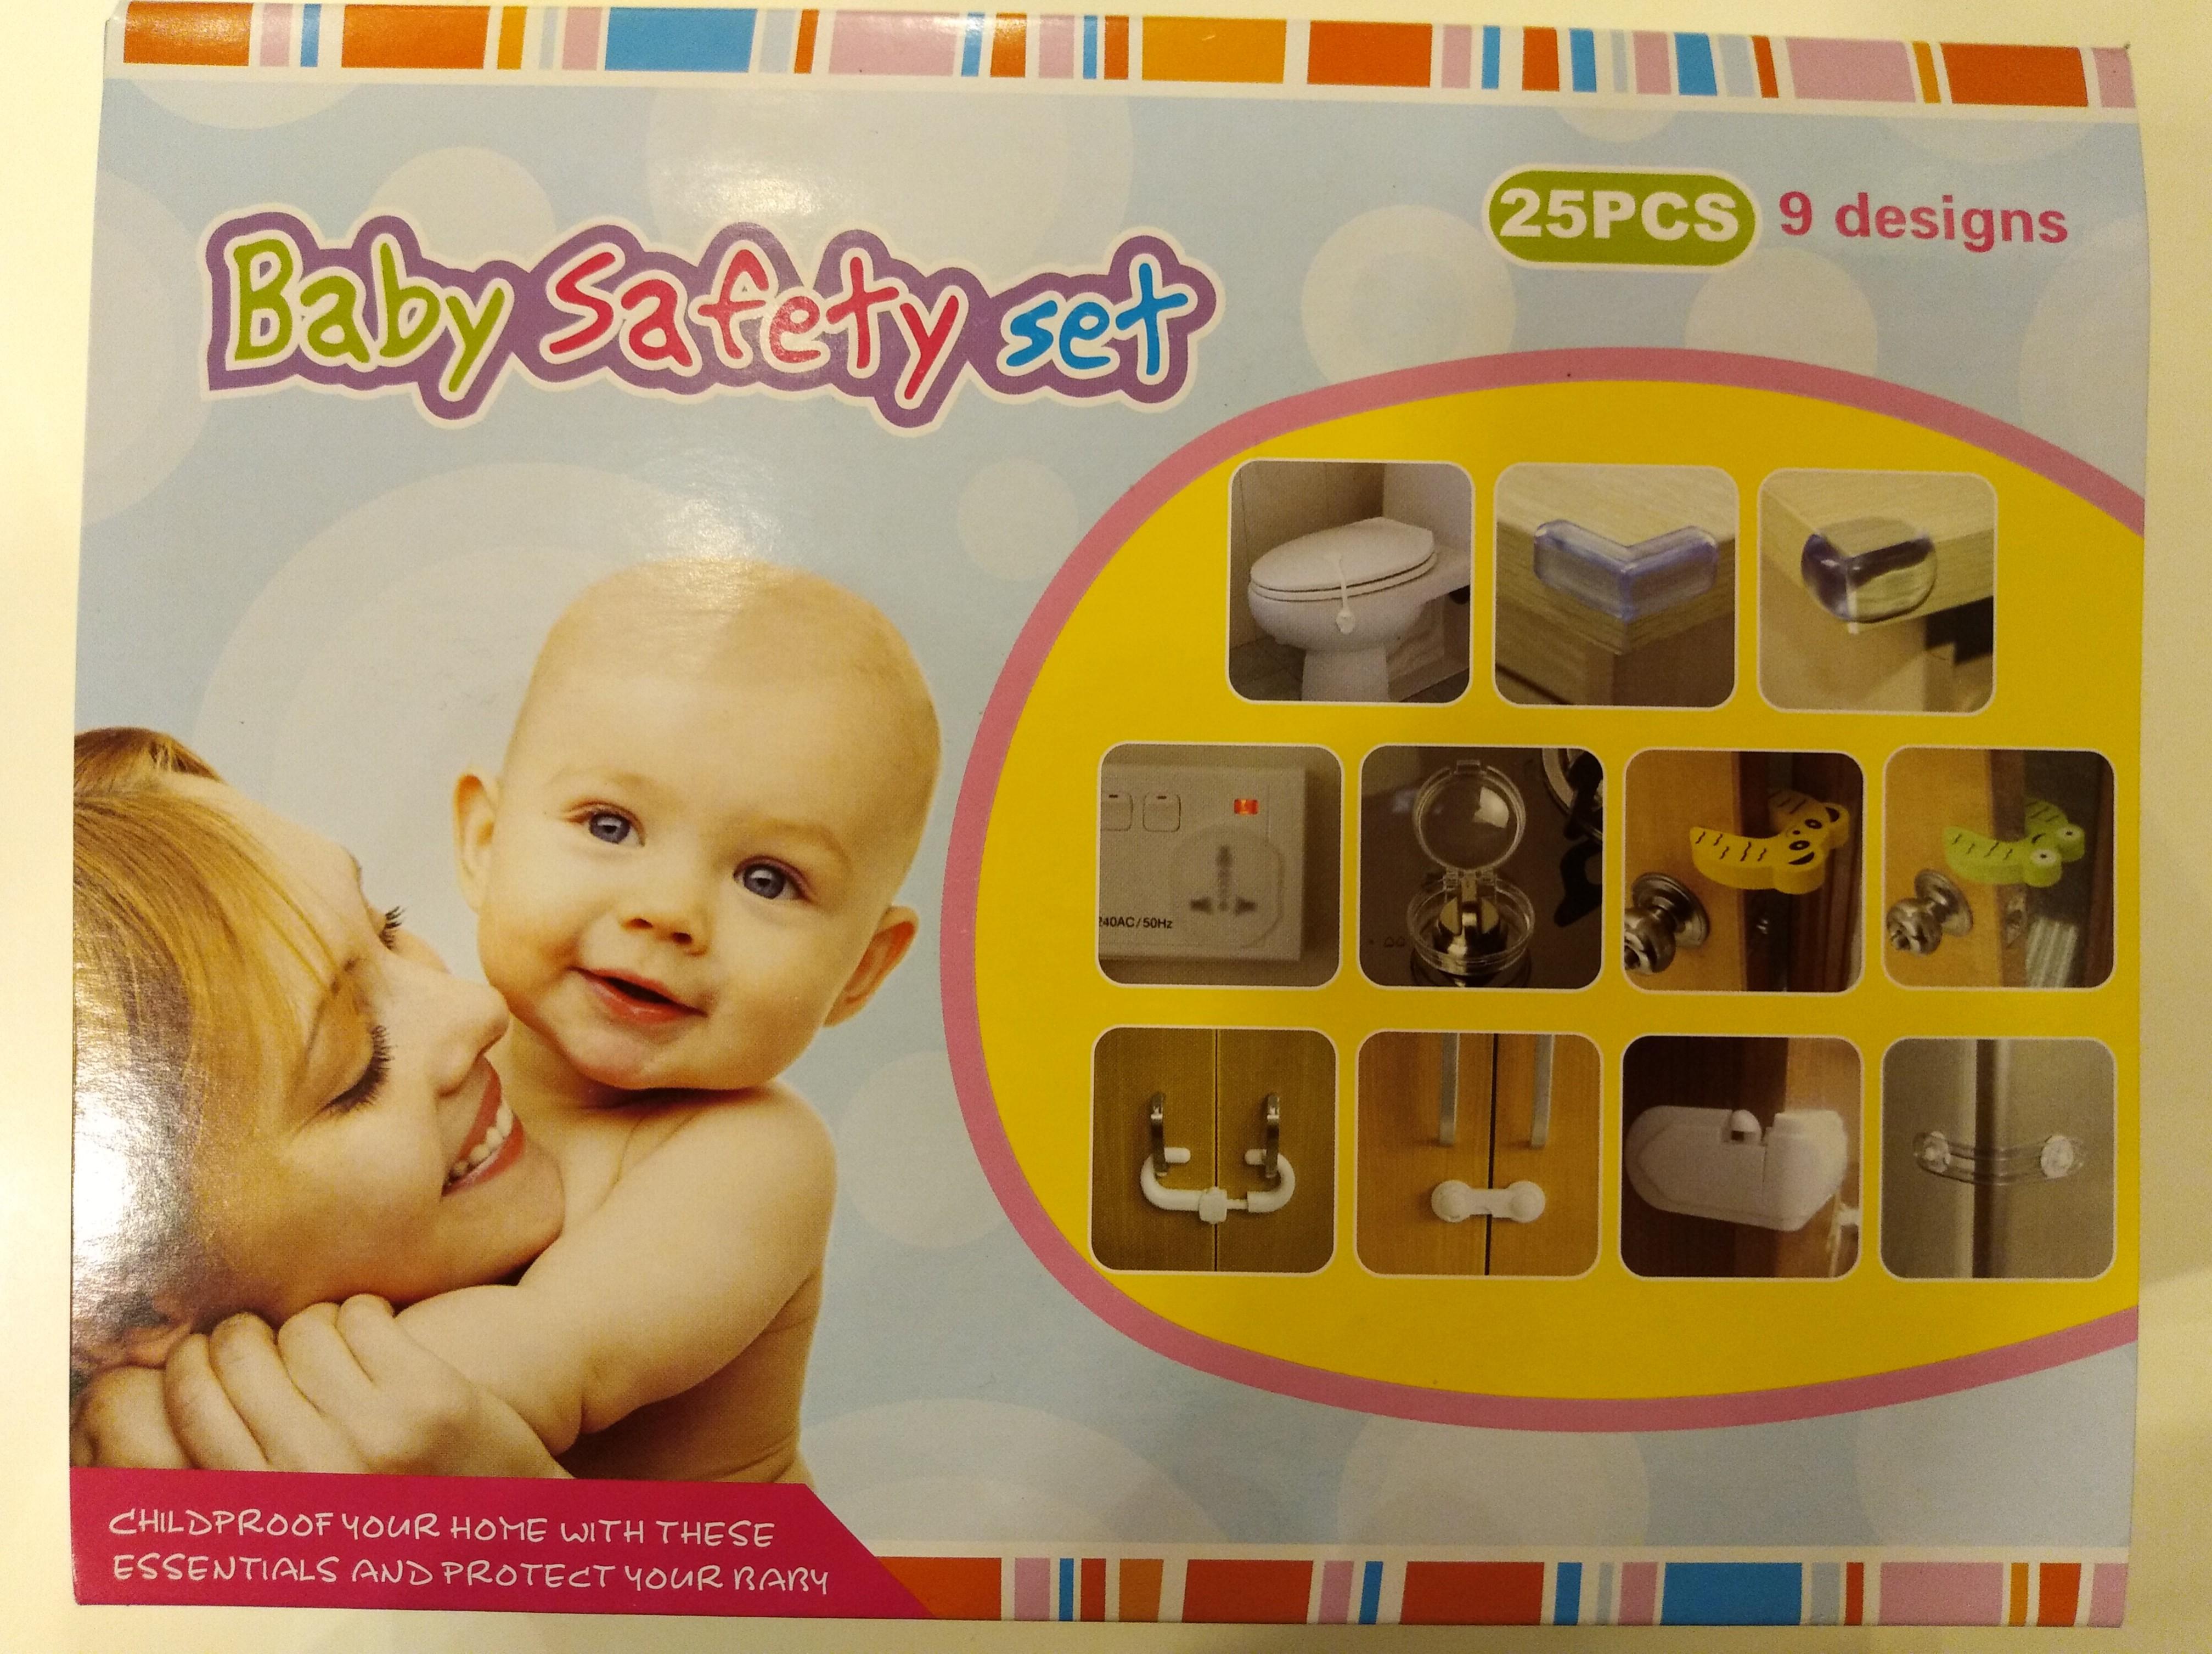 f51164fca149 Baby safety sets 25 pcs